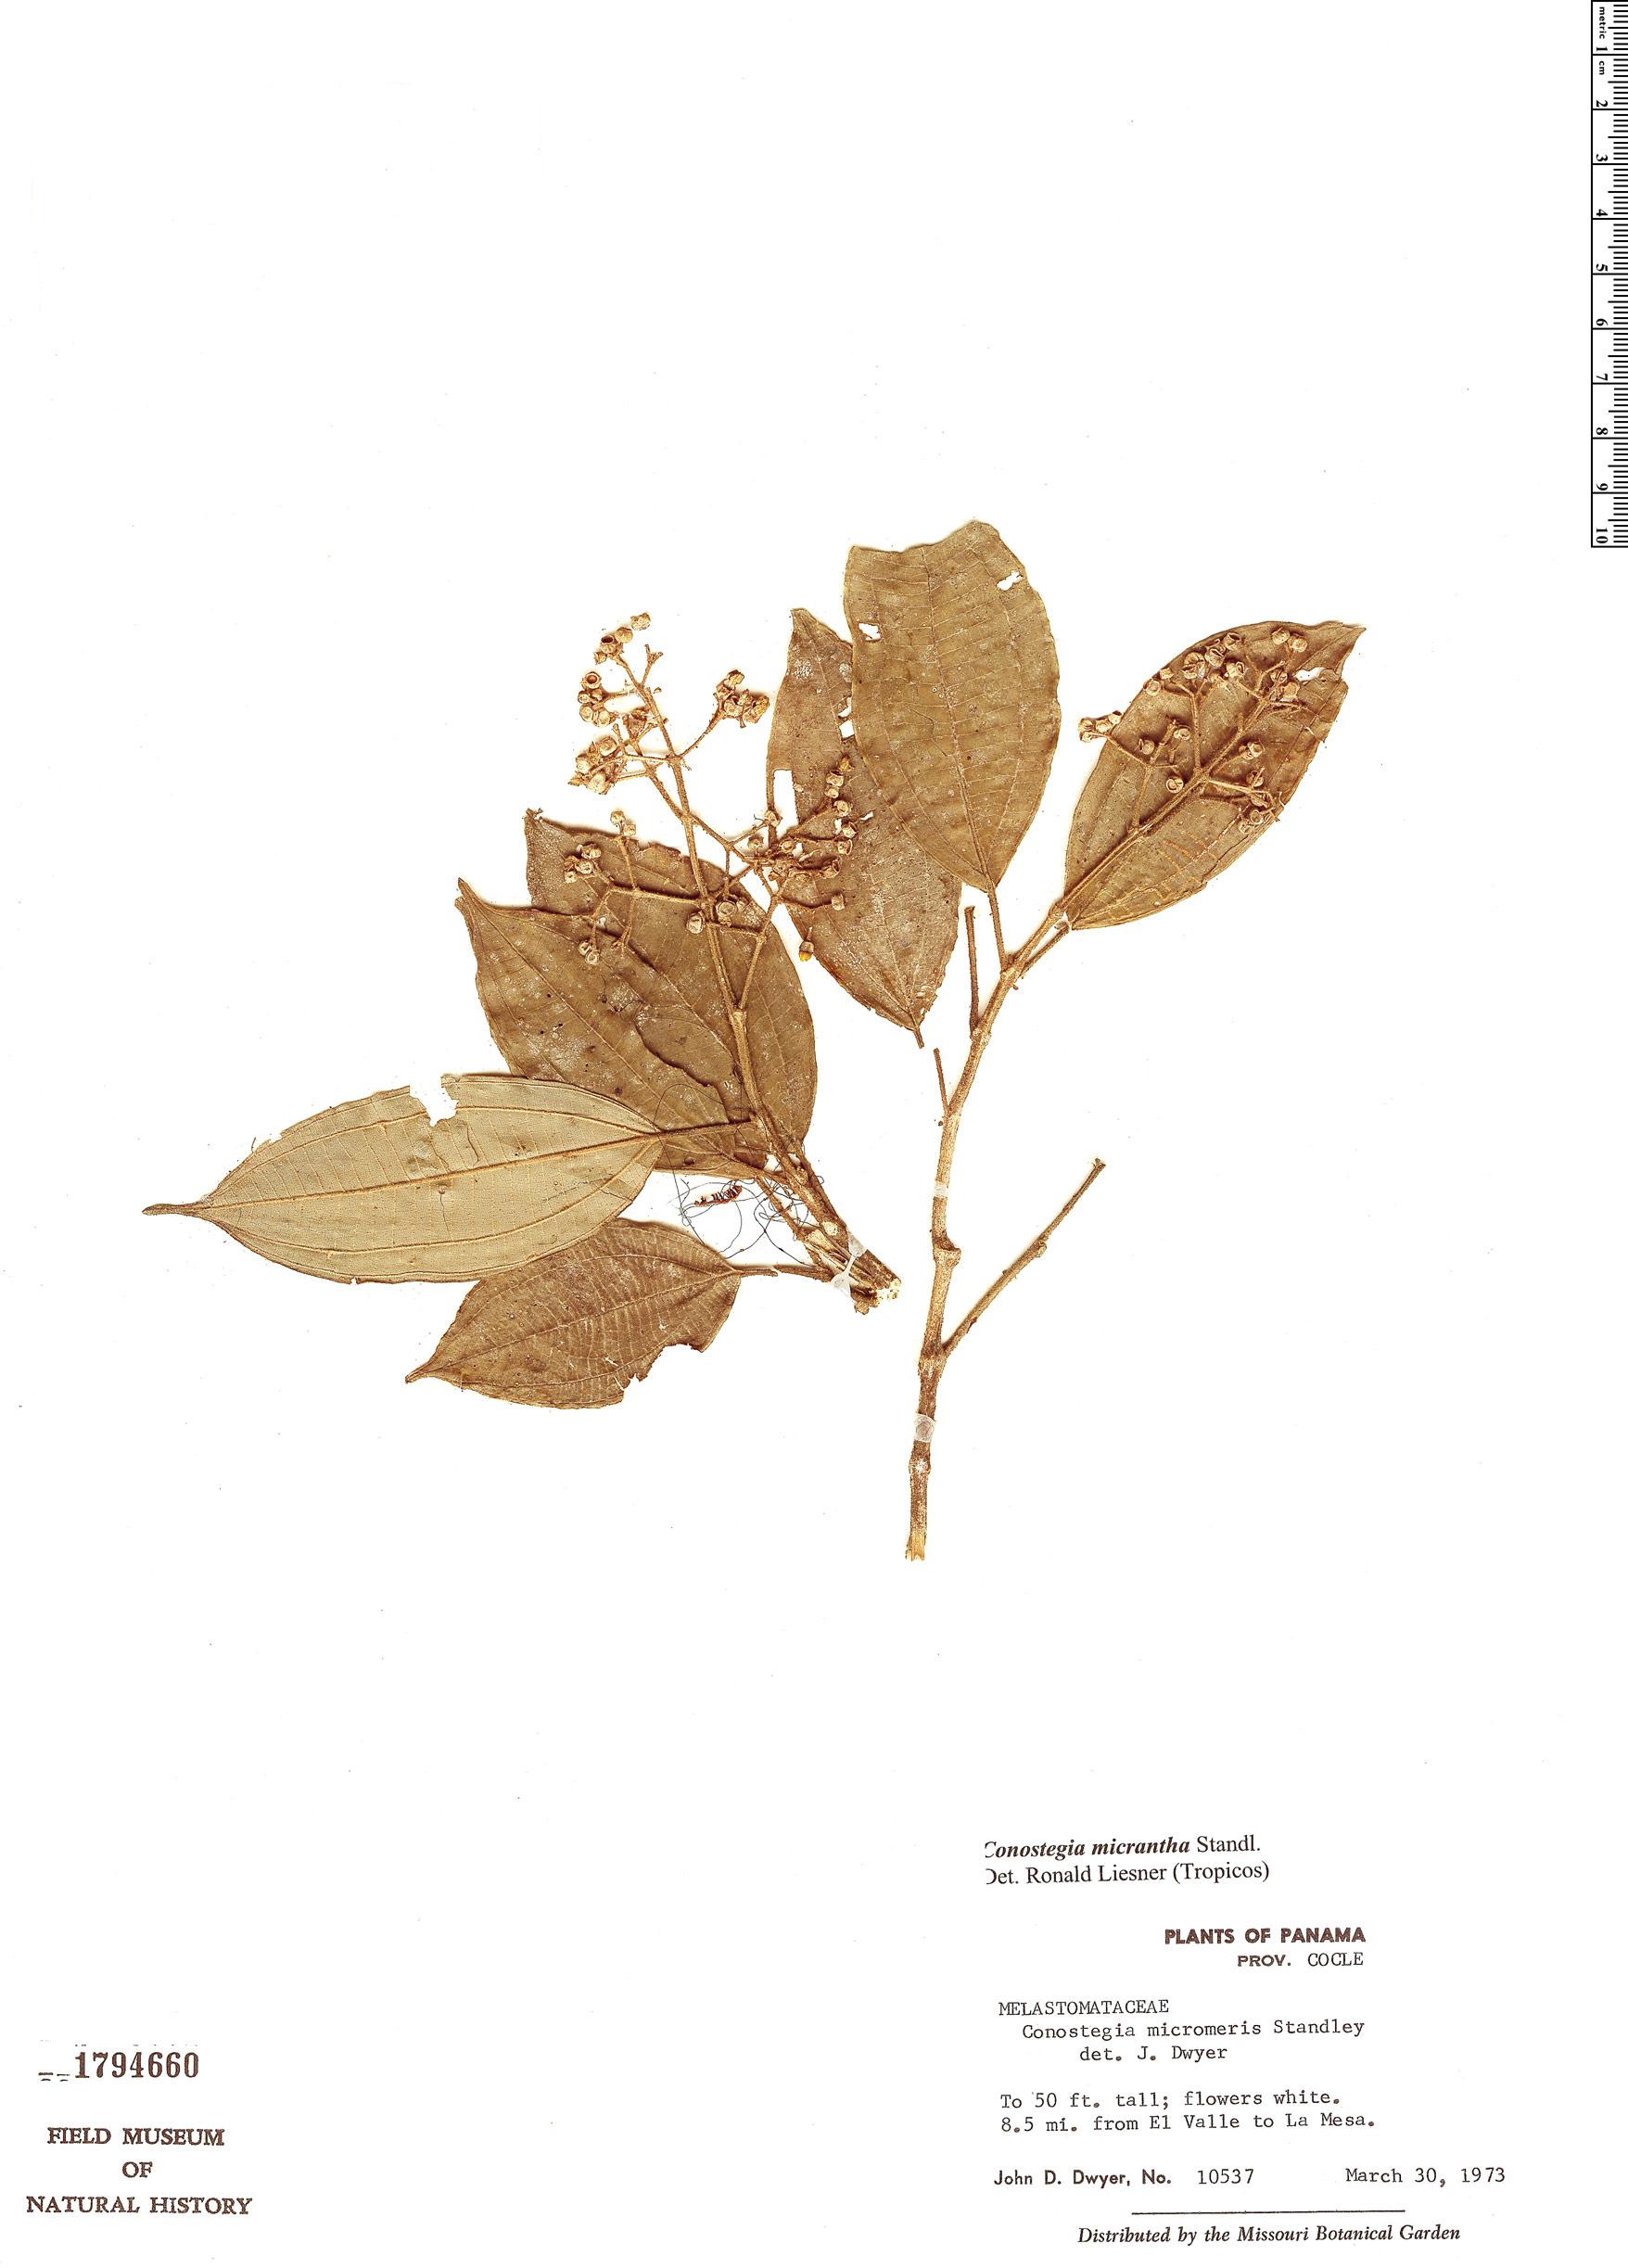 Specimen: Conostegia micrantha